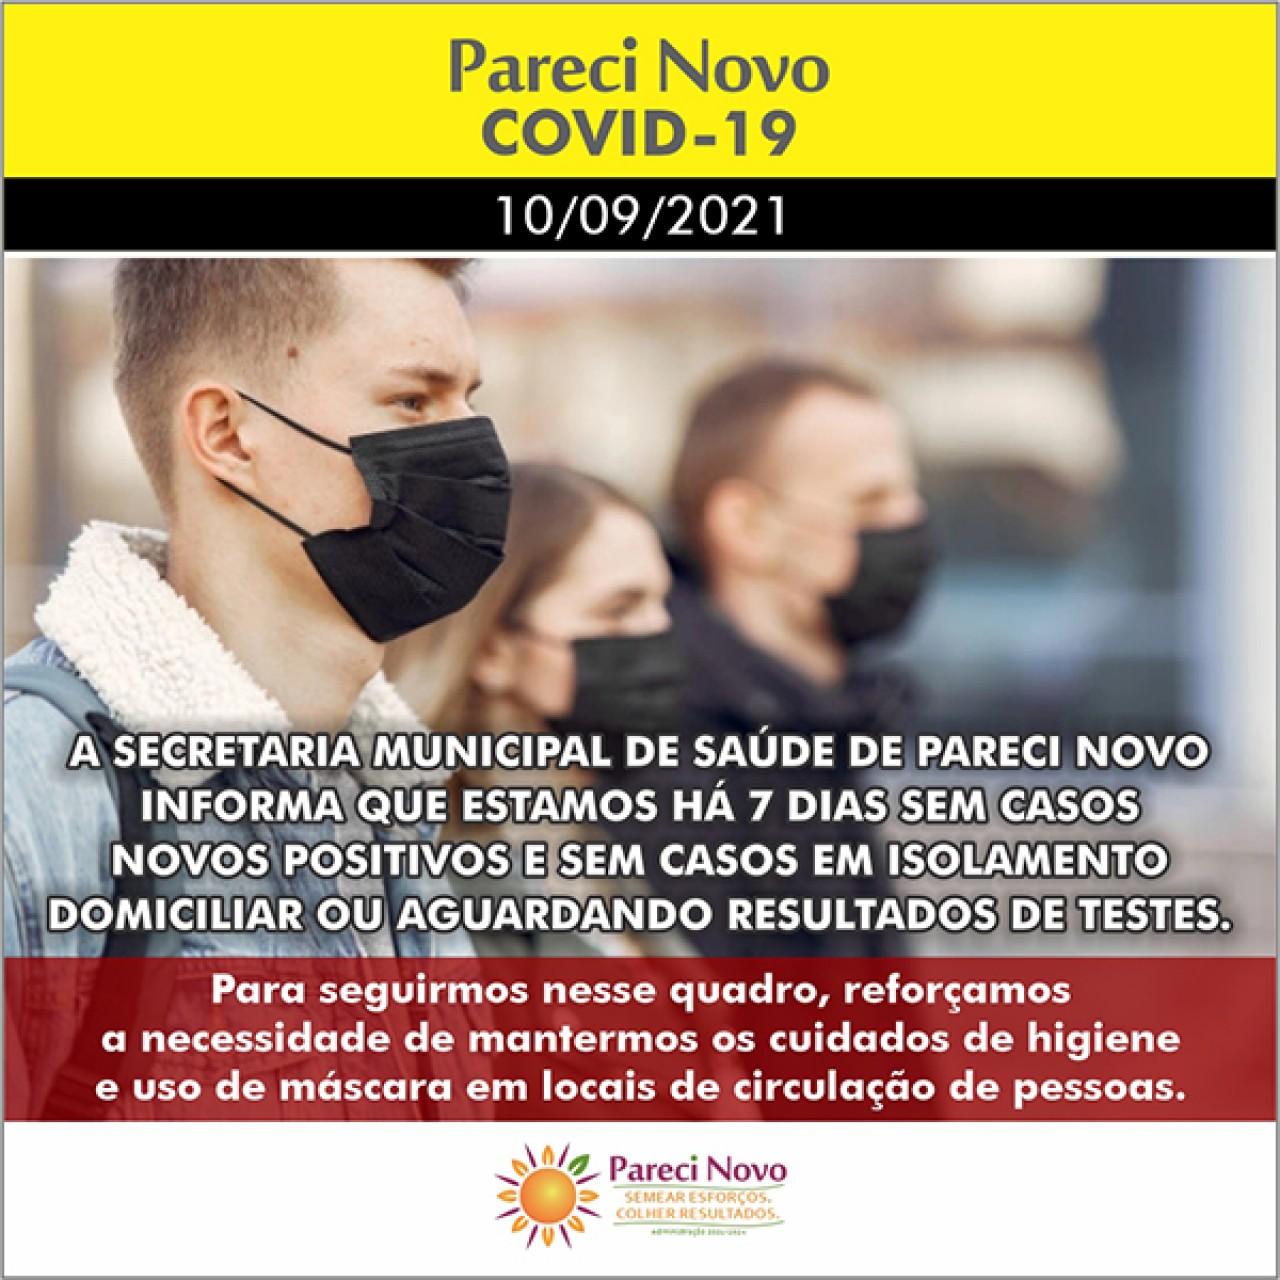 Informativo Covid-19 Pareci Novo